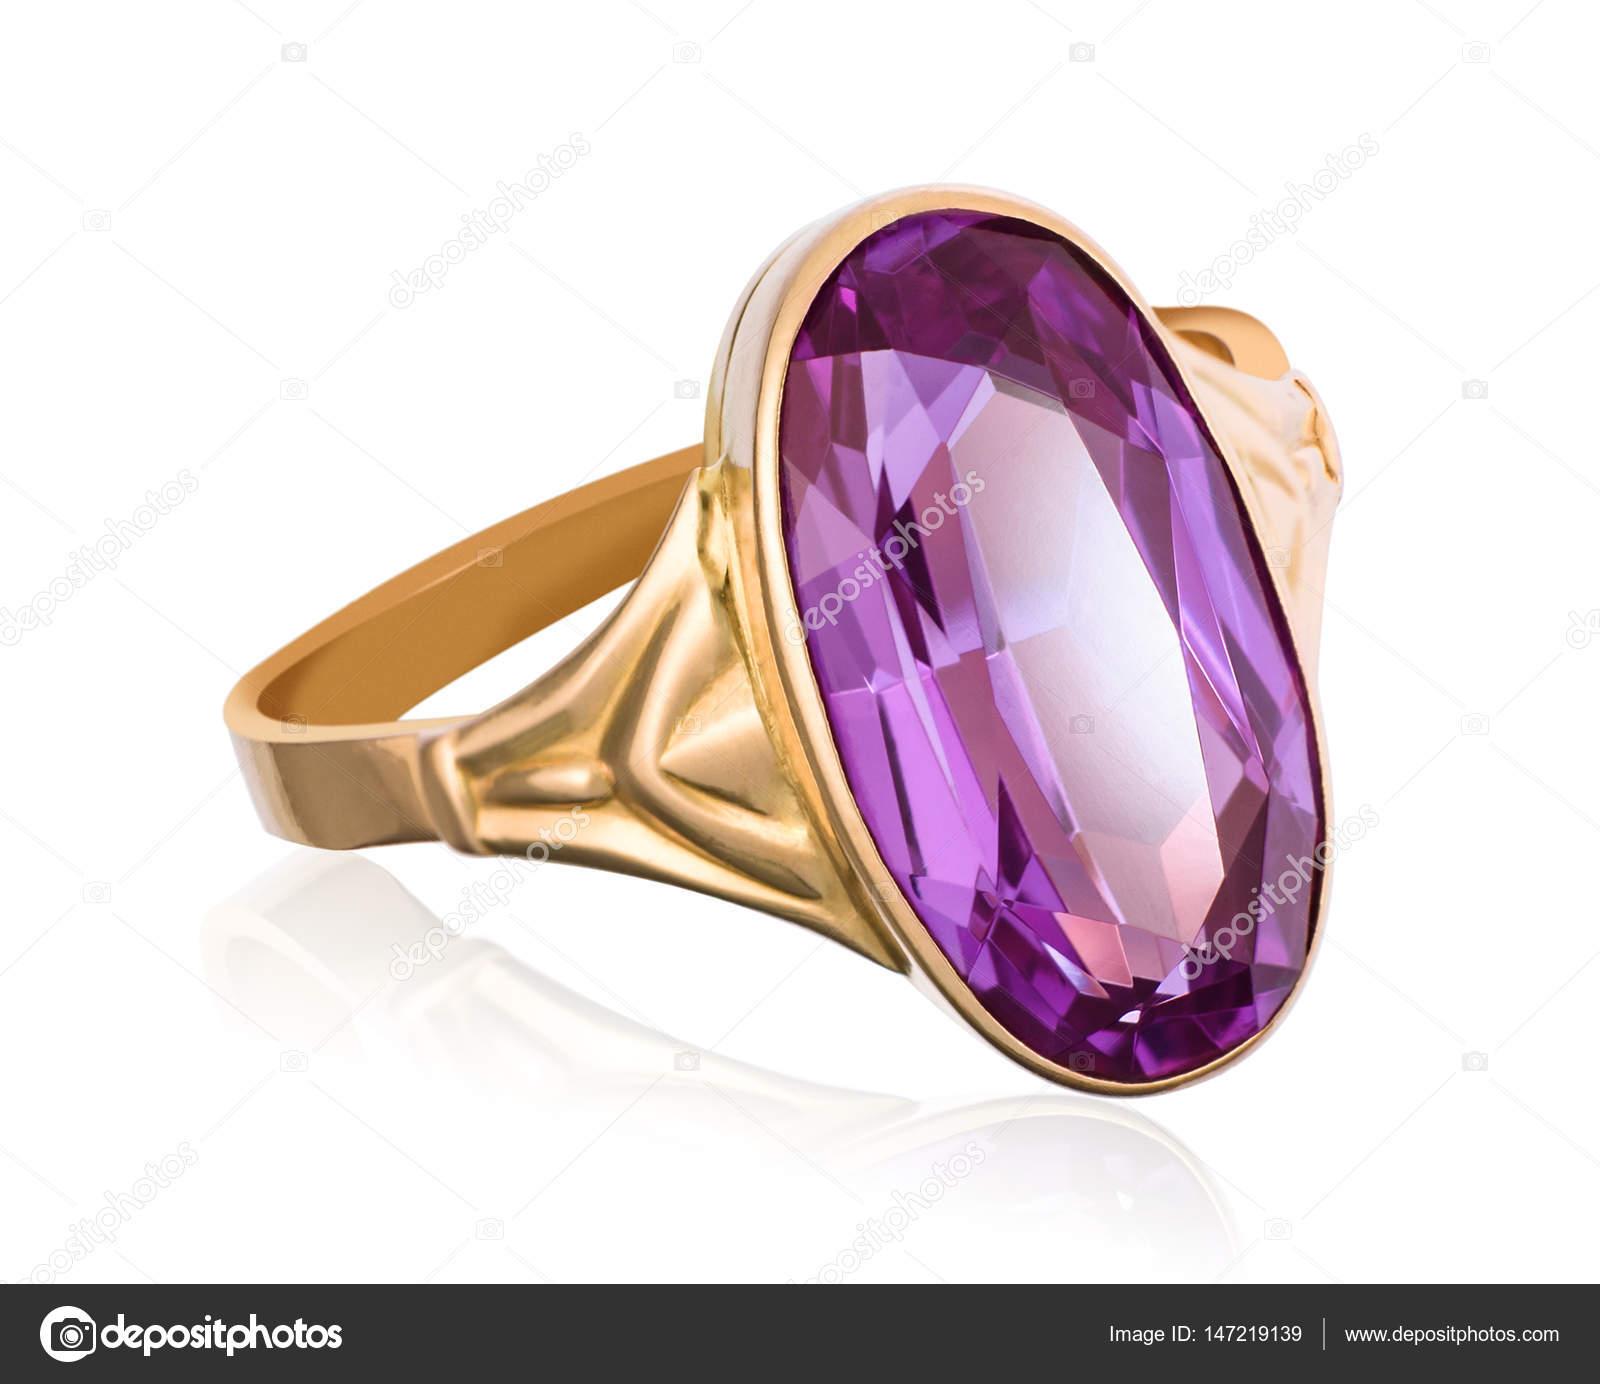 335c69e5a18a Anillo de oro con piedra preciosa morada closeup — Fotos de Stock ...